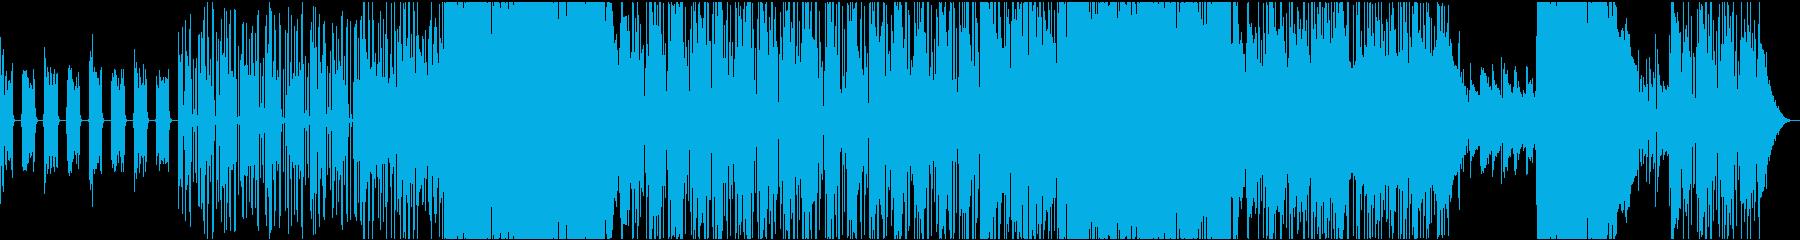 雨降るイメージのロックバラードインストの再生済みの波形